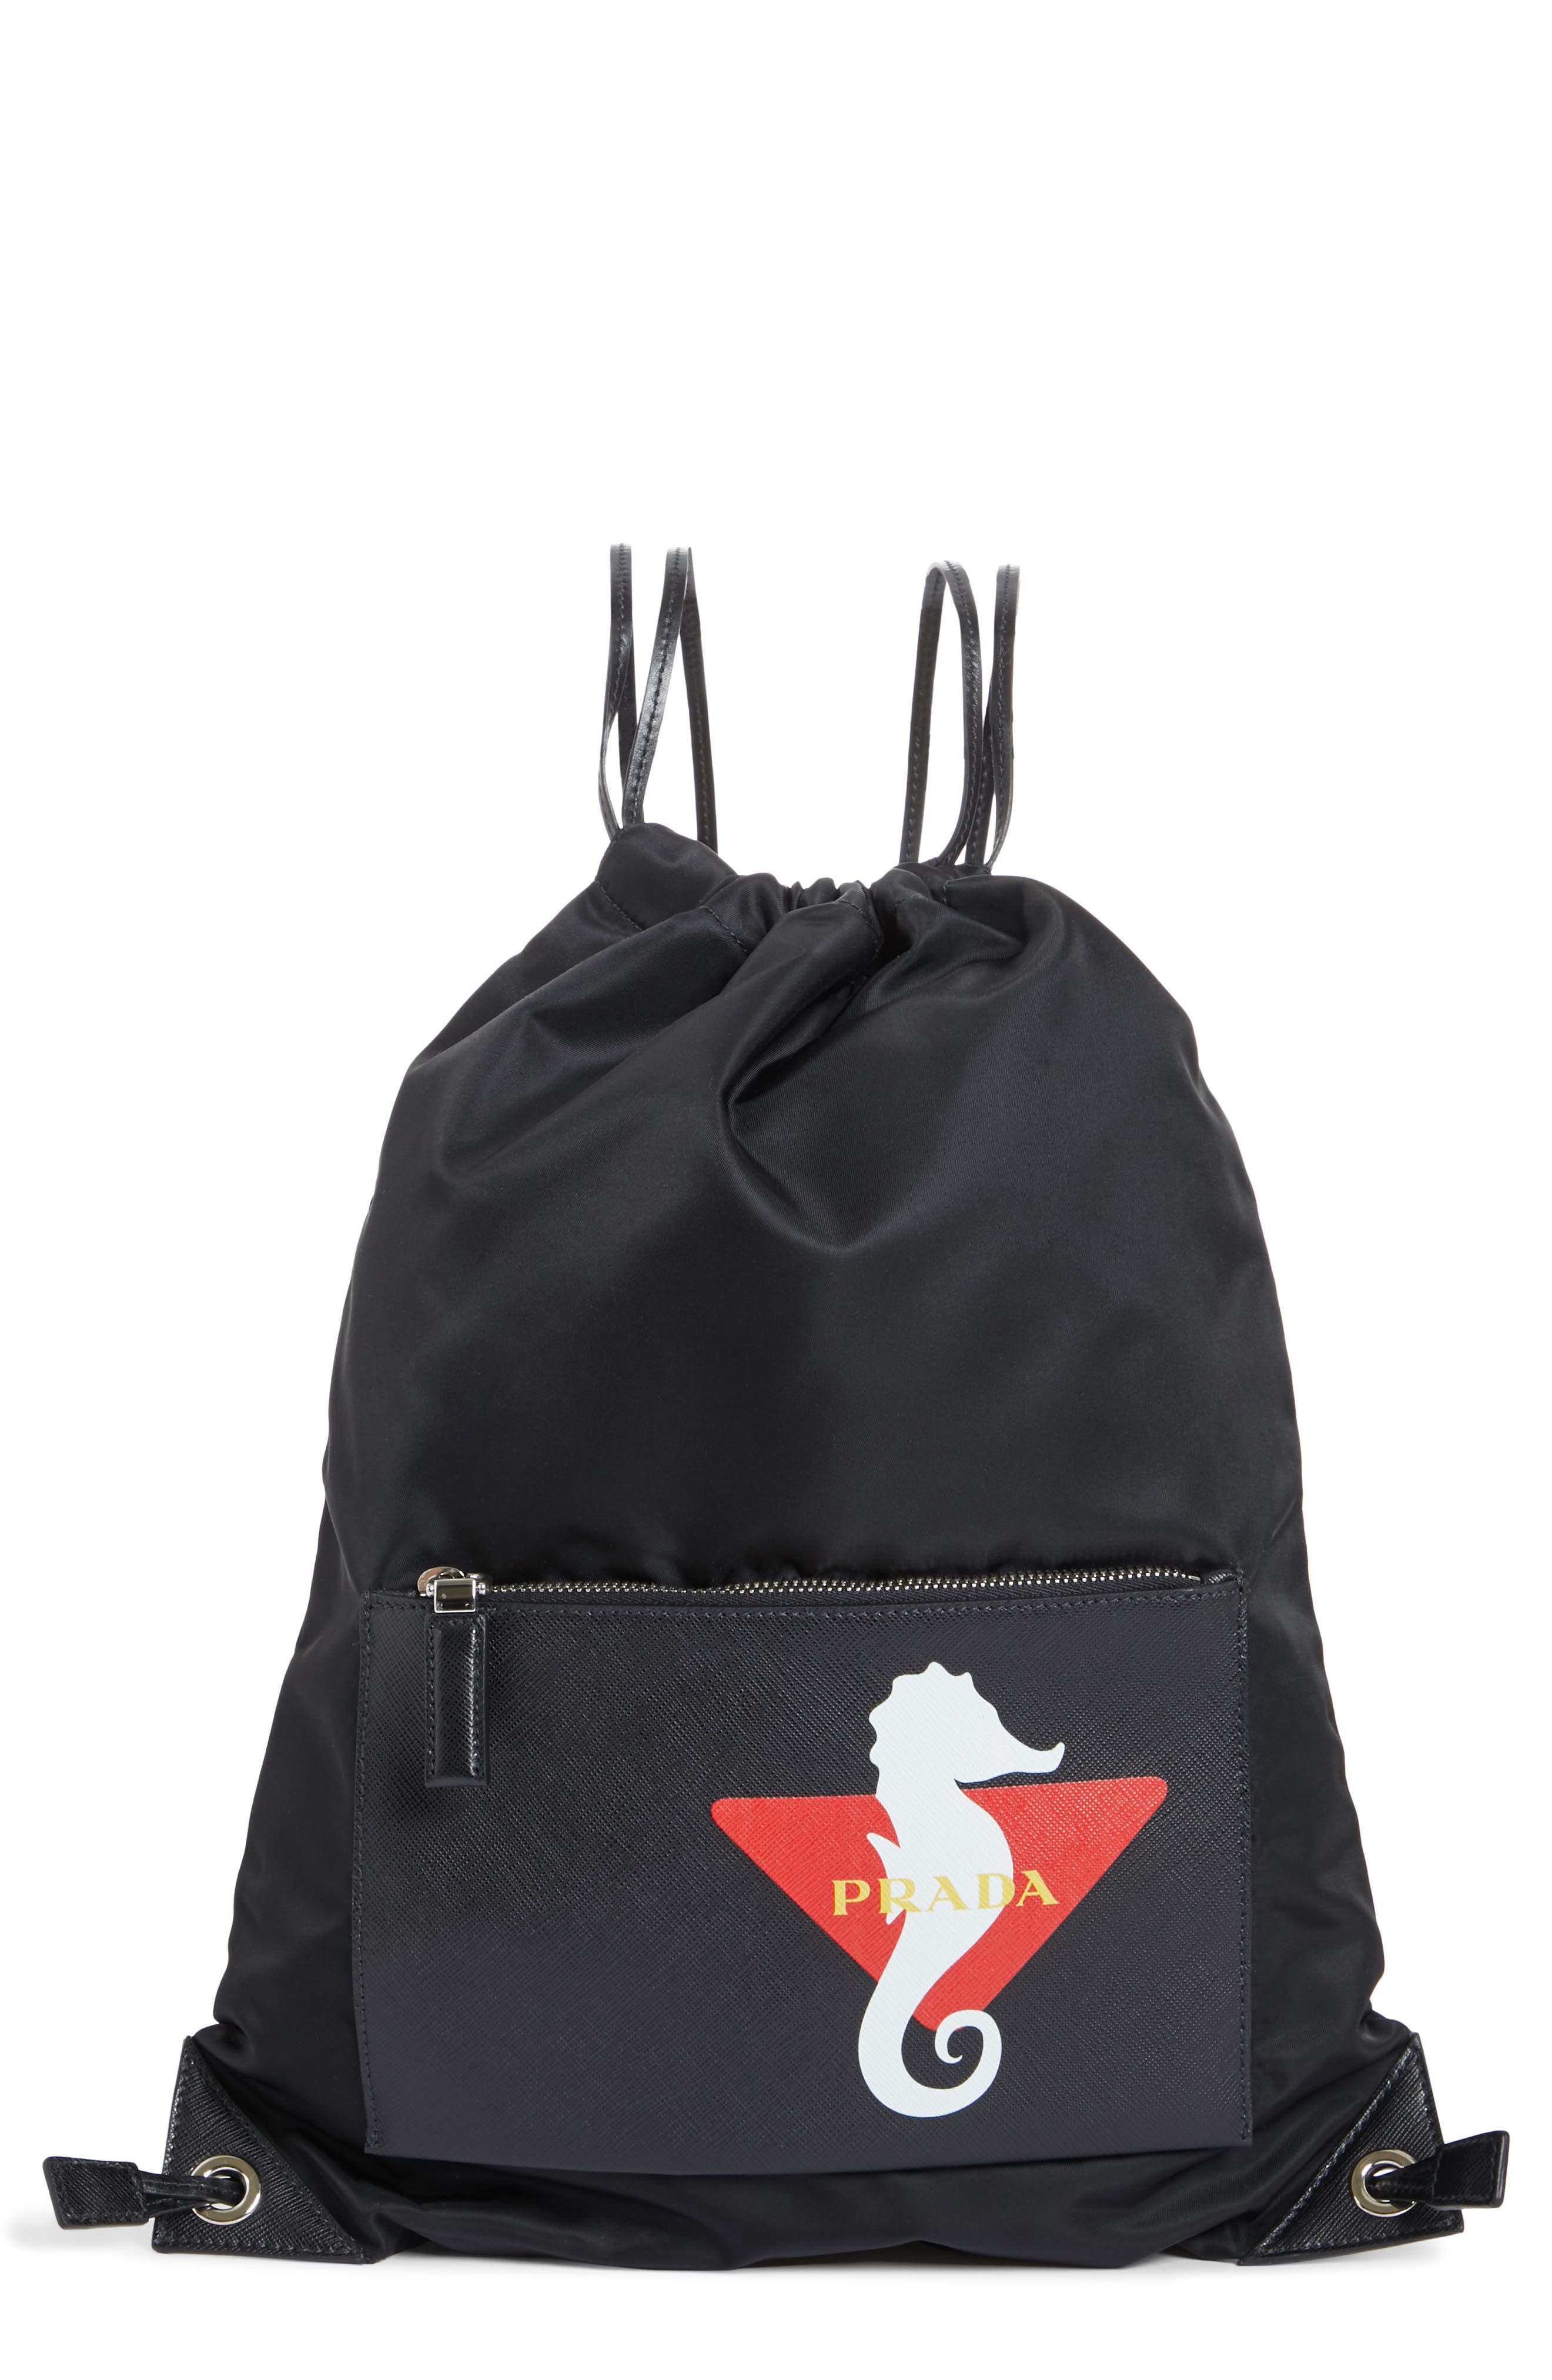 4cfc15af7a4784 Men's Prada Bags & Backpacks | Nordstrom